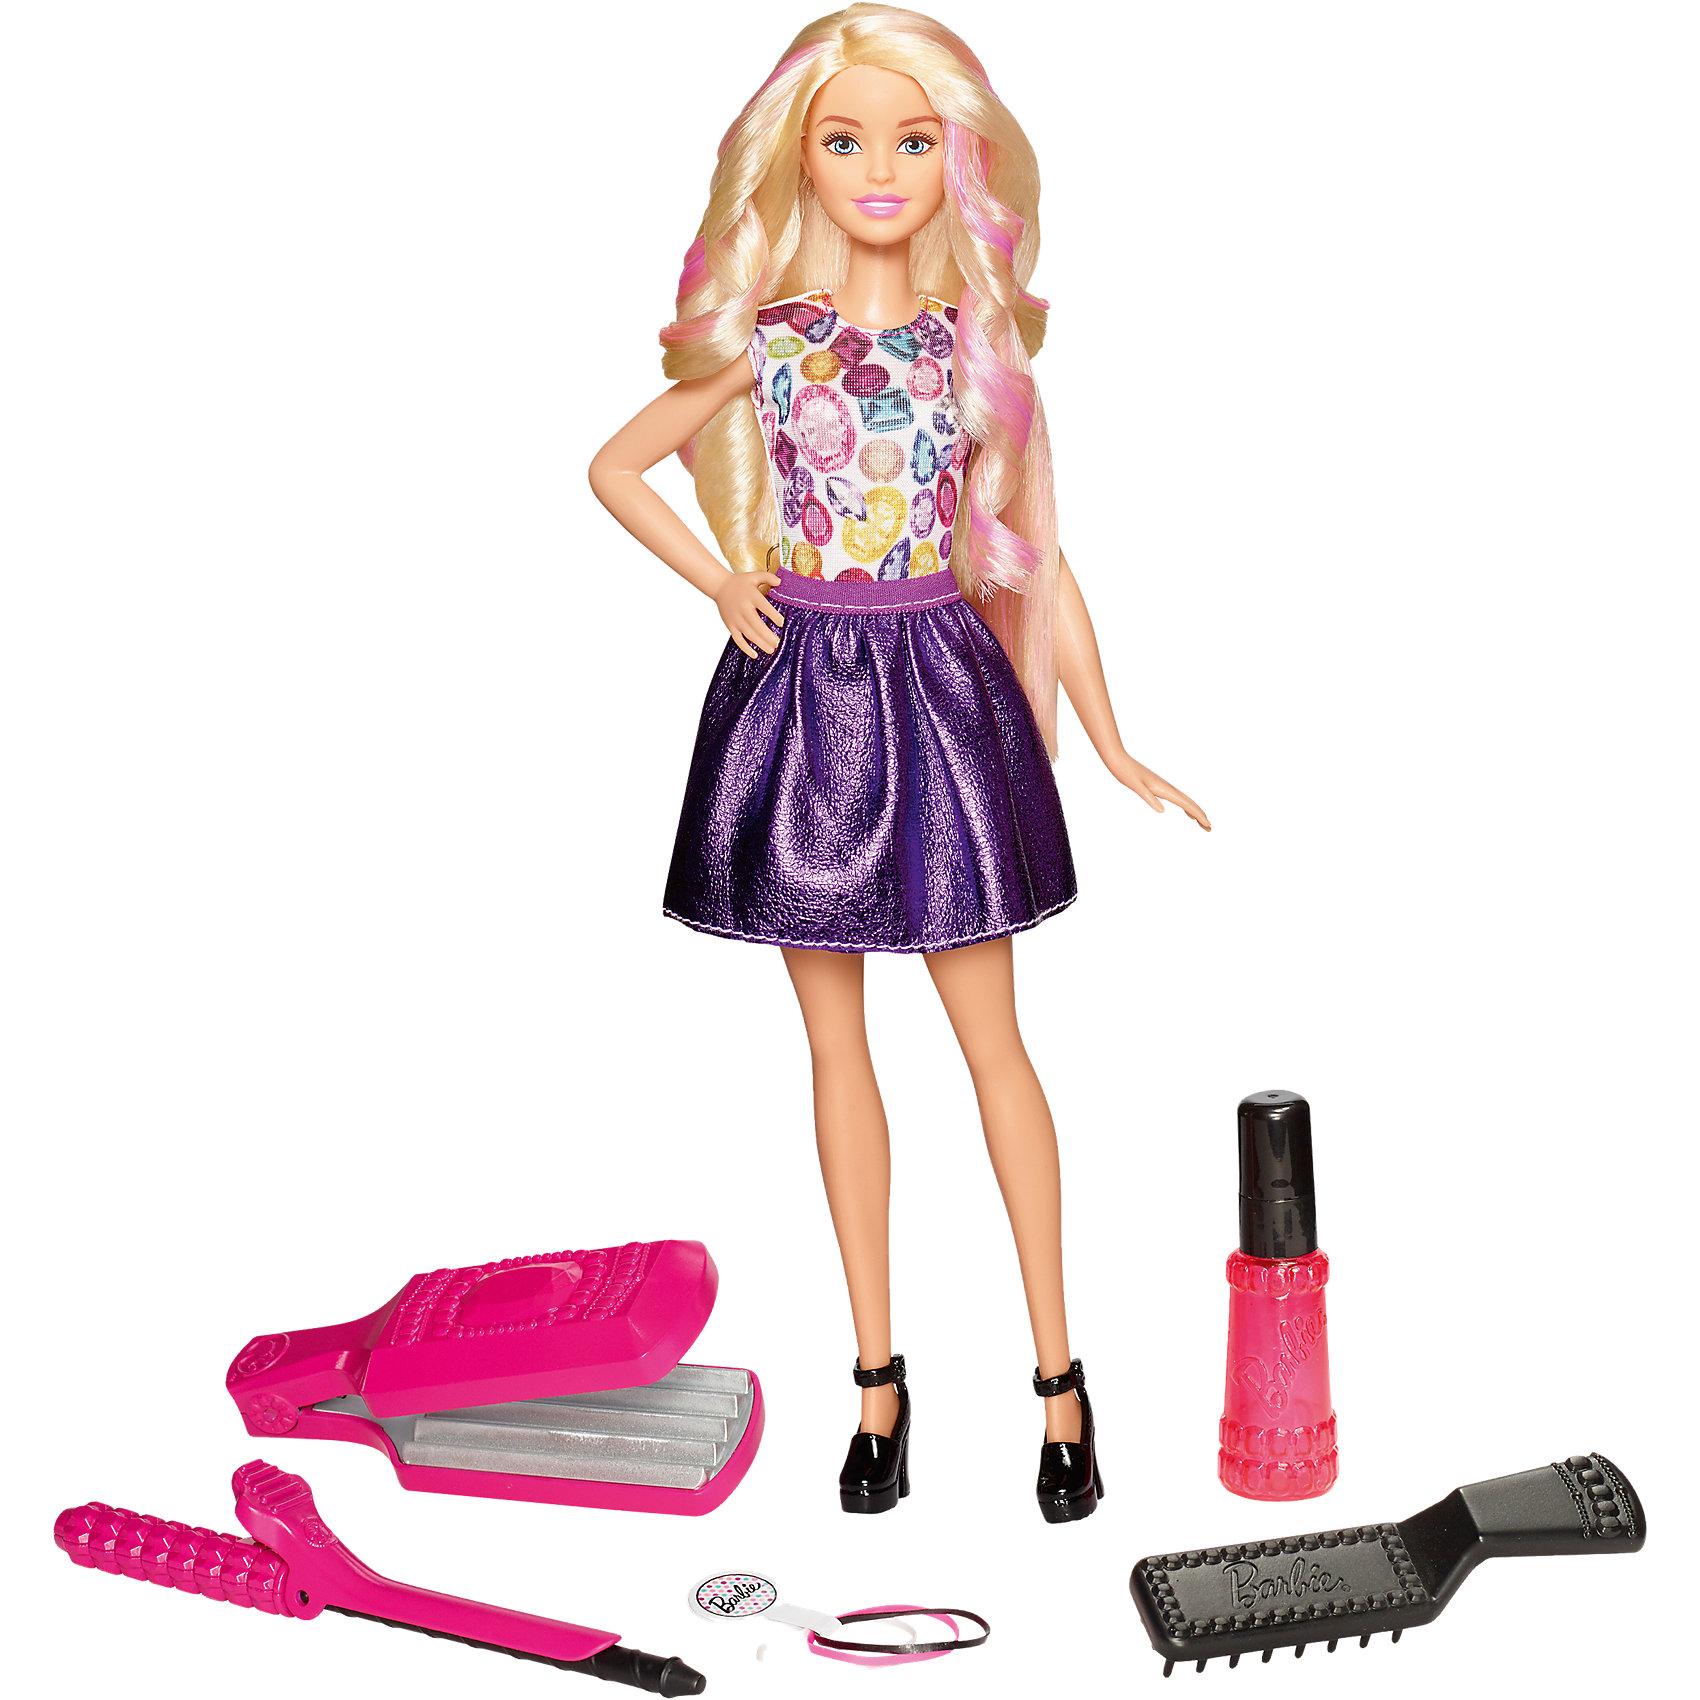 Игровой набор «Цветные локоны», BarbieBarbie<br>Игровой набор «Цветные локоны», Barbie (Барби)<br><br>Характеристики:<br><br>• девочка сможет создать различные прически для Барби<br>• плойка завивает волосы без нагревания<br>• в комплекте: кукла, плойка, расческа, утюжок, бутылочка, резинки<br>• материал: пластик, текстиль<br>• высота куклы: 30 см<br>• размер упаковки: 23х6,3х32,5 см<br><br>Создавать красивые прически для куклы - невероятно весело и интересно! С набором Удивительные кудри девочка сможет почувствовать себя настоящим стилистом, создающим потрясающие образы для кукол. Для этого нужно смочить волосы спреем, а затем накрутить их на плойку или прогладить утюжком. Волшебная прическа создается без нагревания! Играя с набором, девочка сможет воплотить в жизнь свои самые невероятные идеи, а очаровательная Барби станет звездой вечера на любой вечеринке!<br><br>Игровой набор «Цветные локоны», Barbie (Барби) вы можете купить в нашем интернет-магазине.<br><br>Ширина мм: 326<br>Глубина мм: 228<br>Высота мм: 50<br>Вес г: 317<br>Возраст от месяцев: 60<br>Возраст до месяцев: 72<br>Пол: Женский<br>Возраст: Детский<br>SKU: 5089087